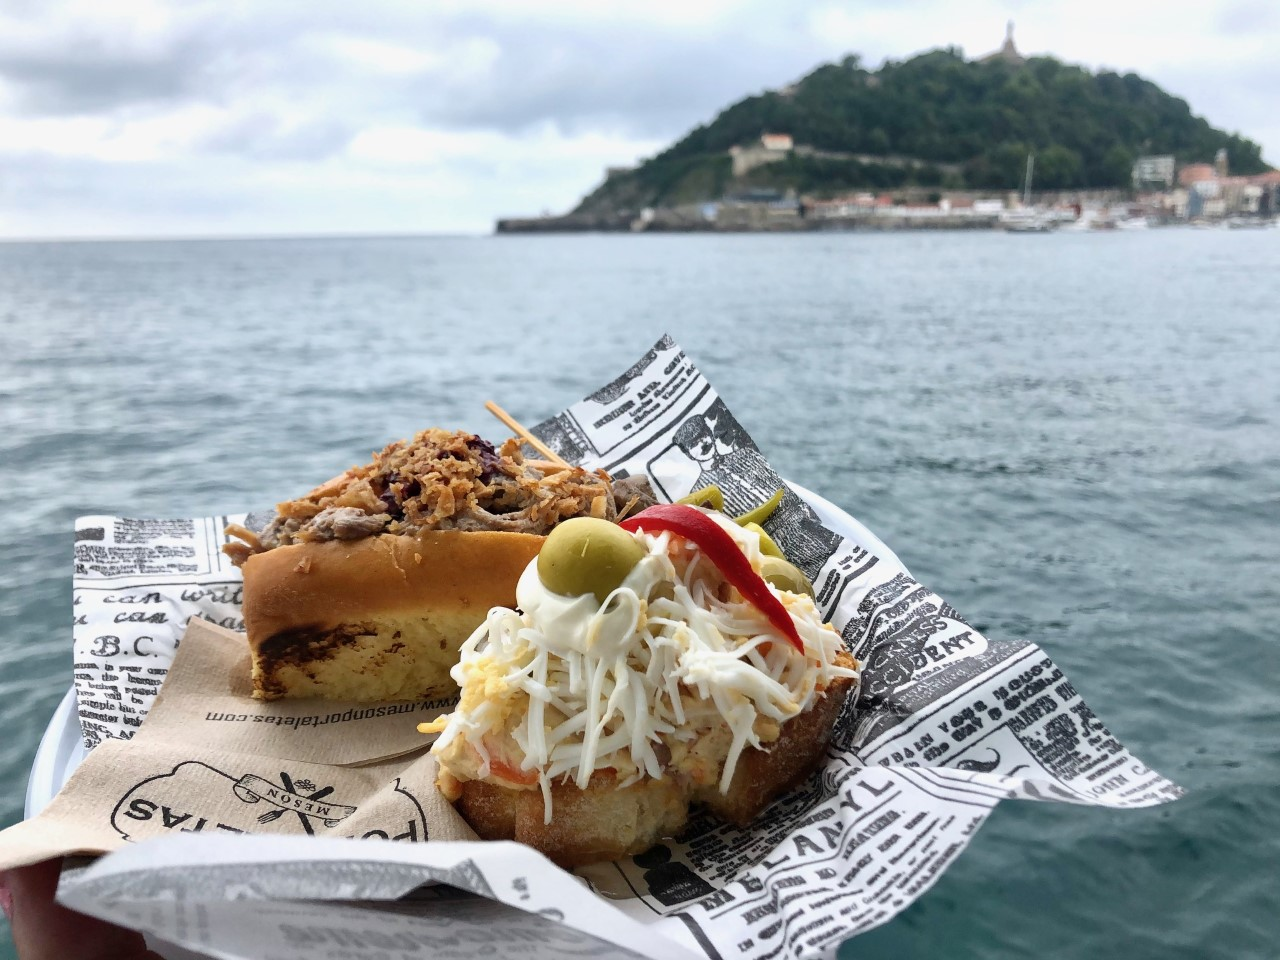 ciudad-san-sebastian-catamaran-promenade-pintxos